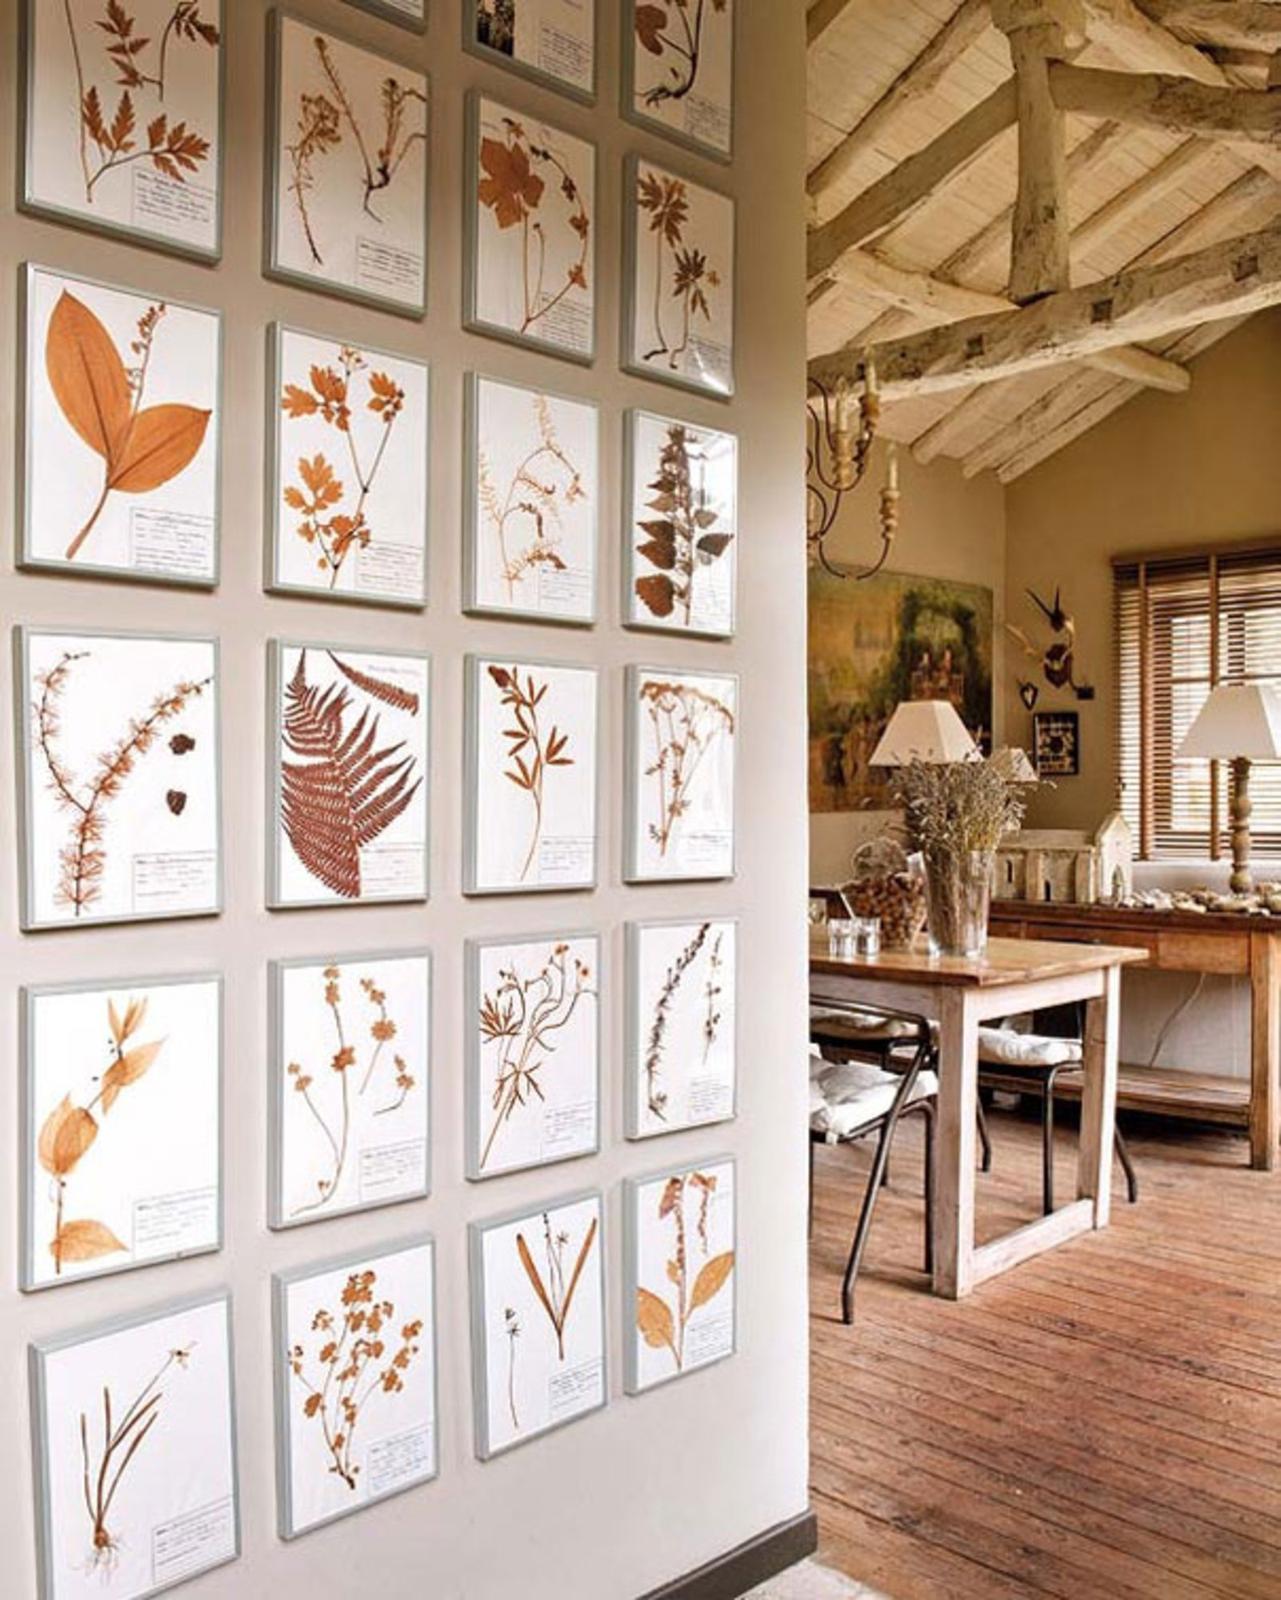 Inšpirované herbárom a botanickou záhradou - Obrázok č. 2